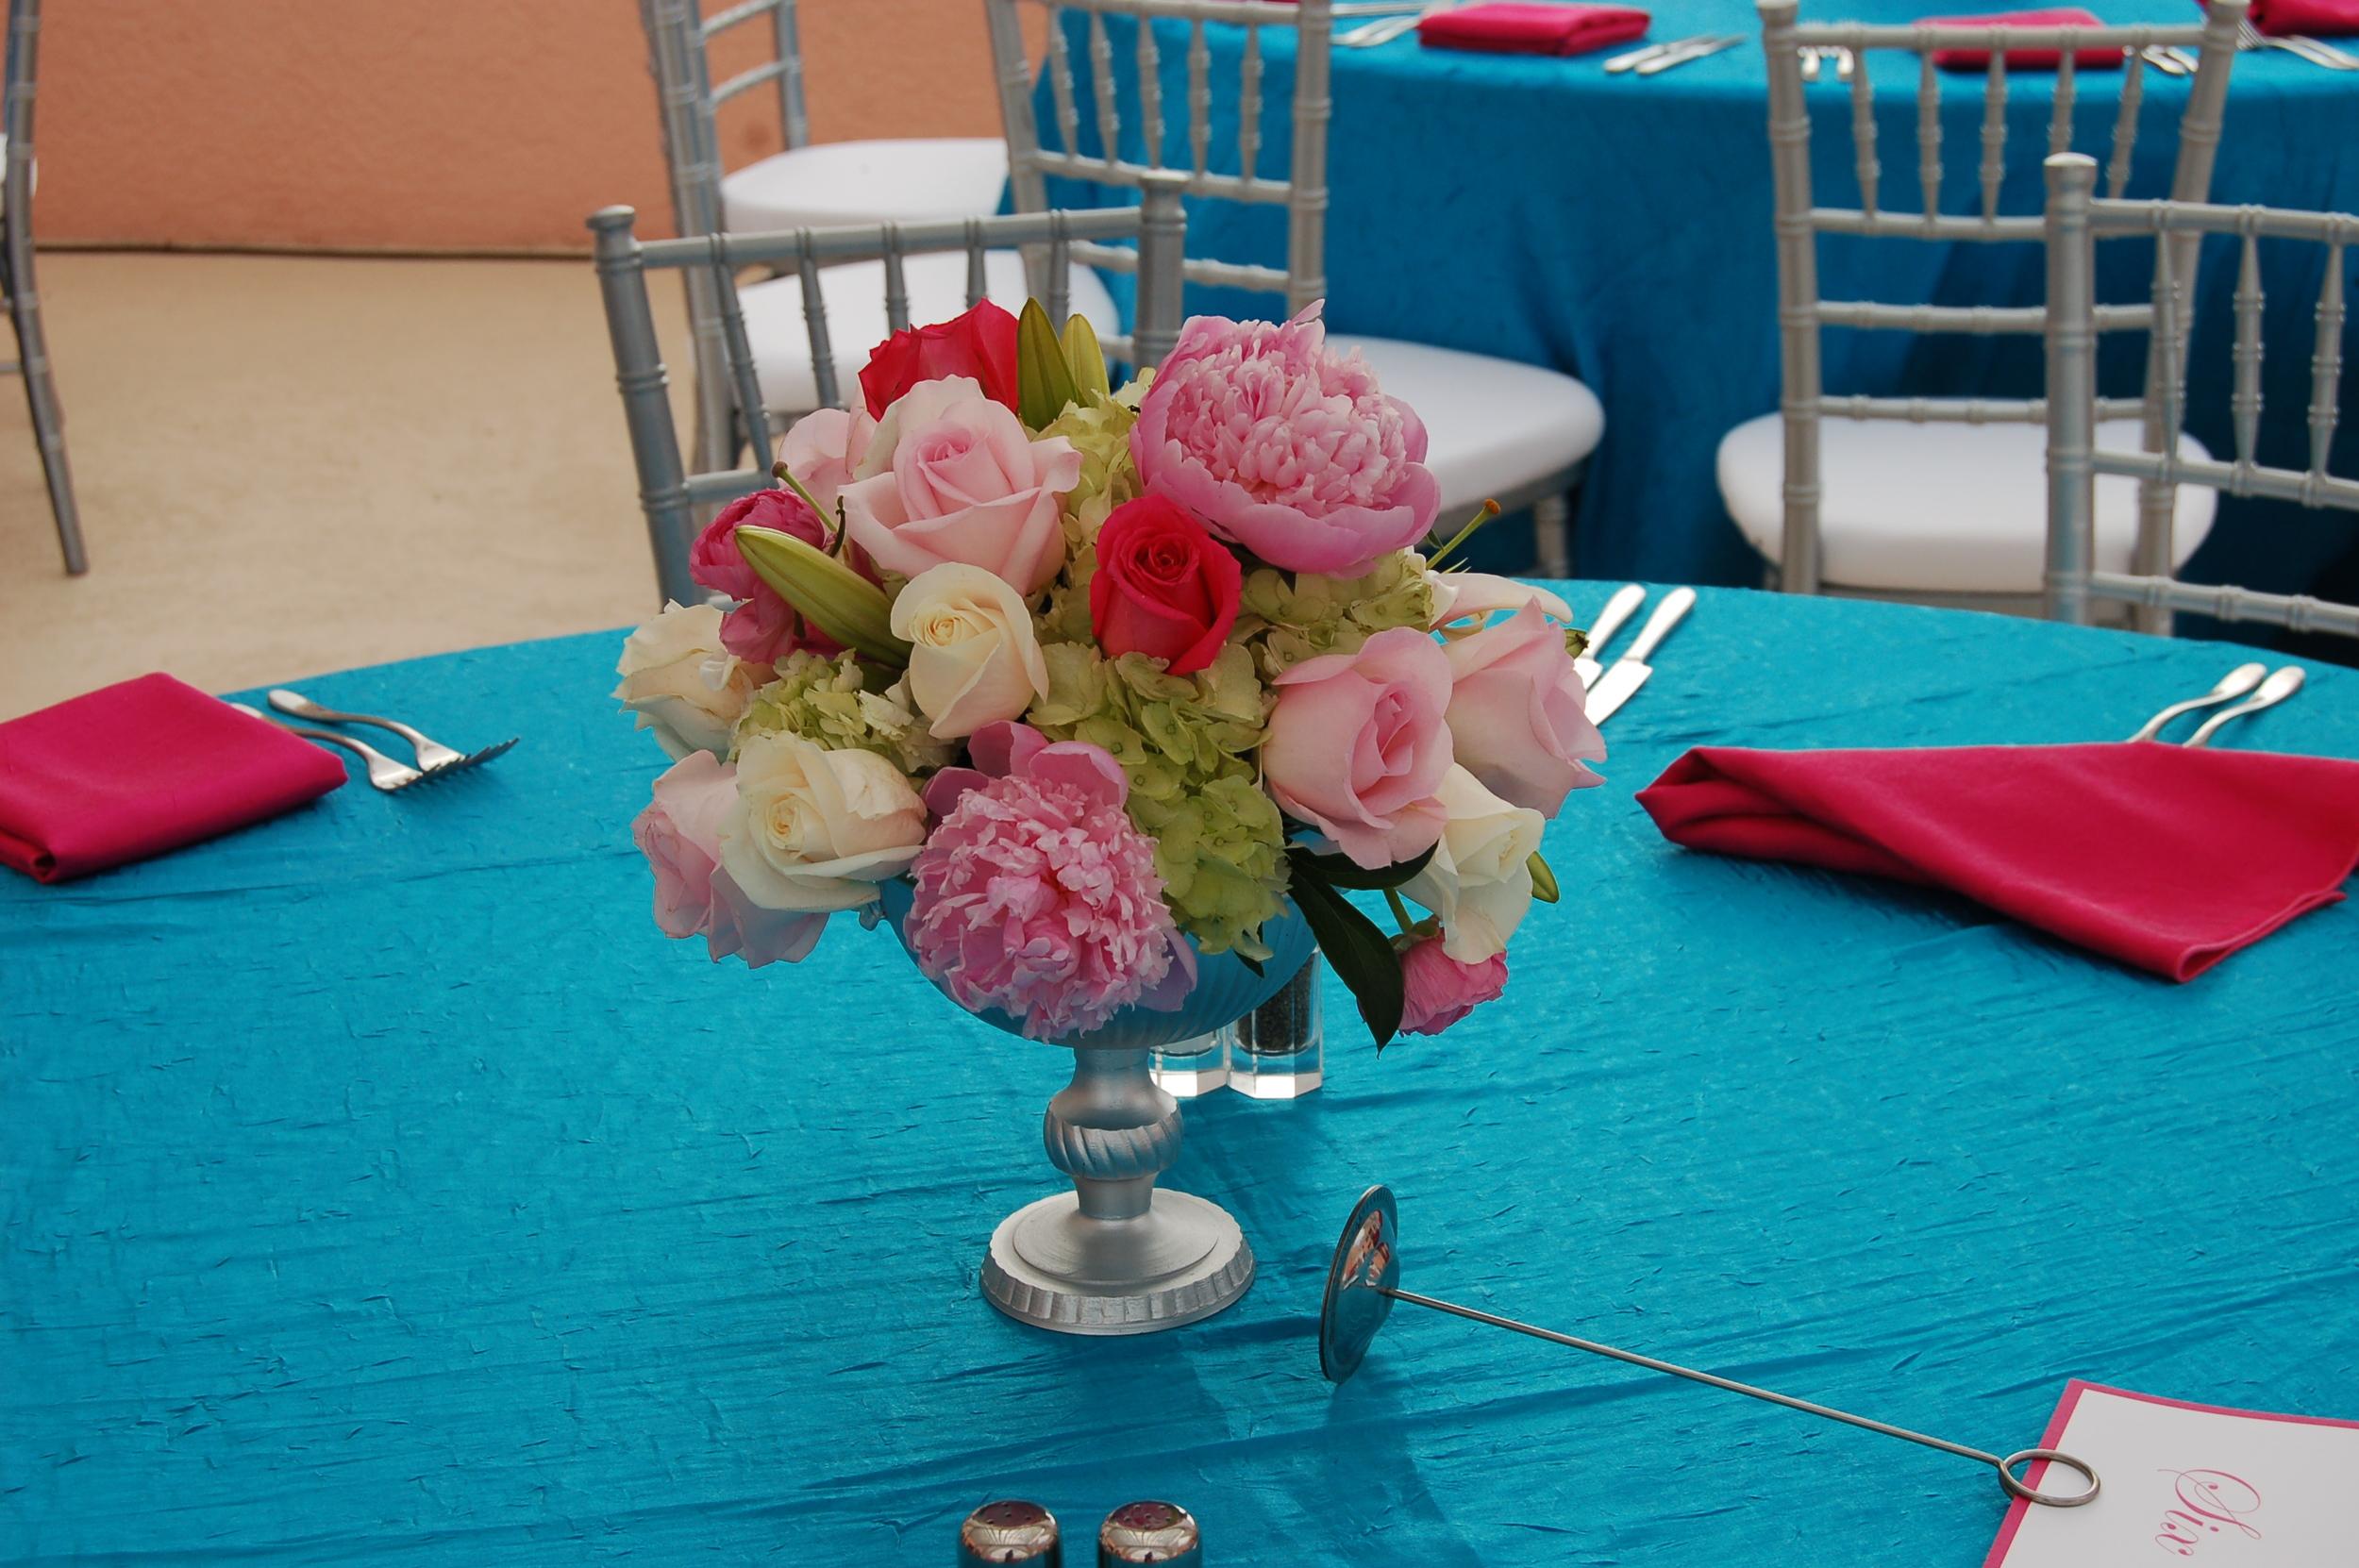 Hyatt Regency wedding flowers pink and blue